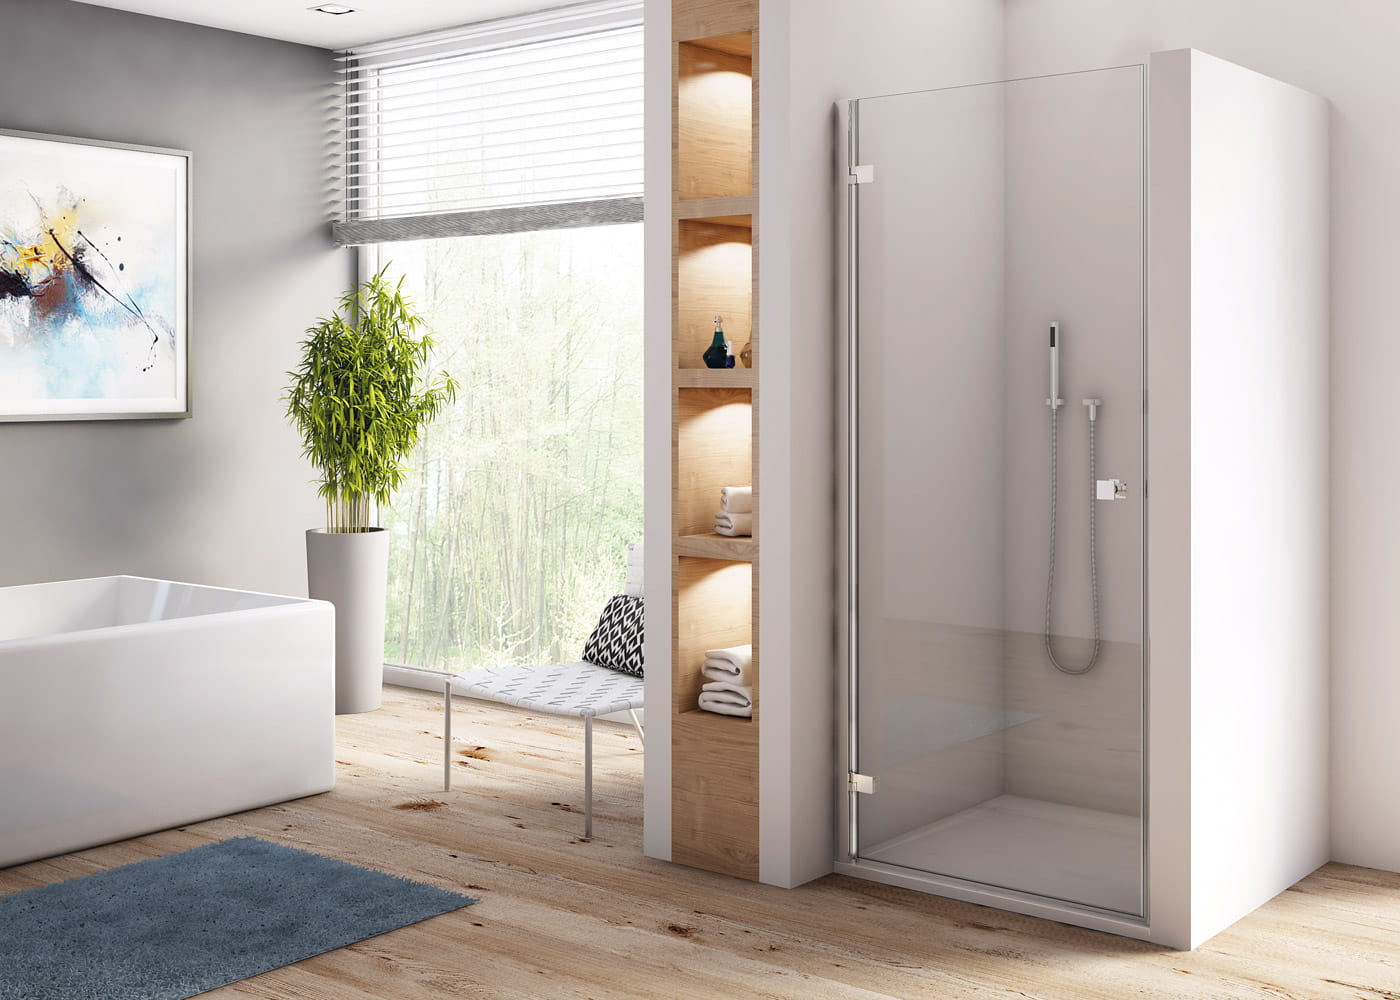 двери для душевой кабины дизайн идеи